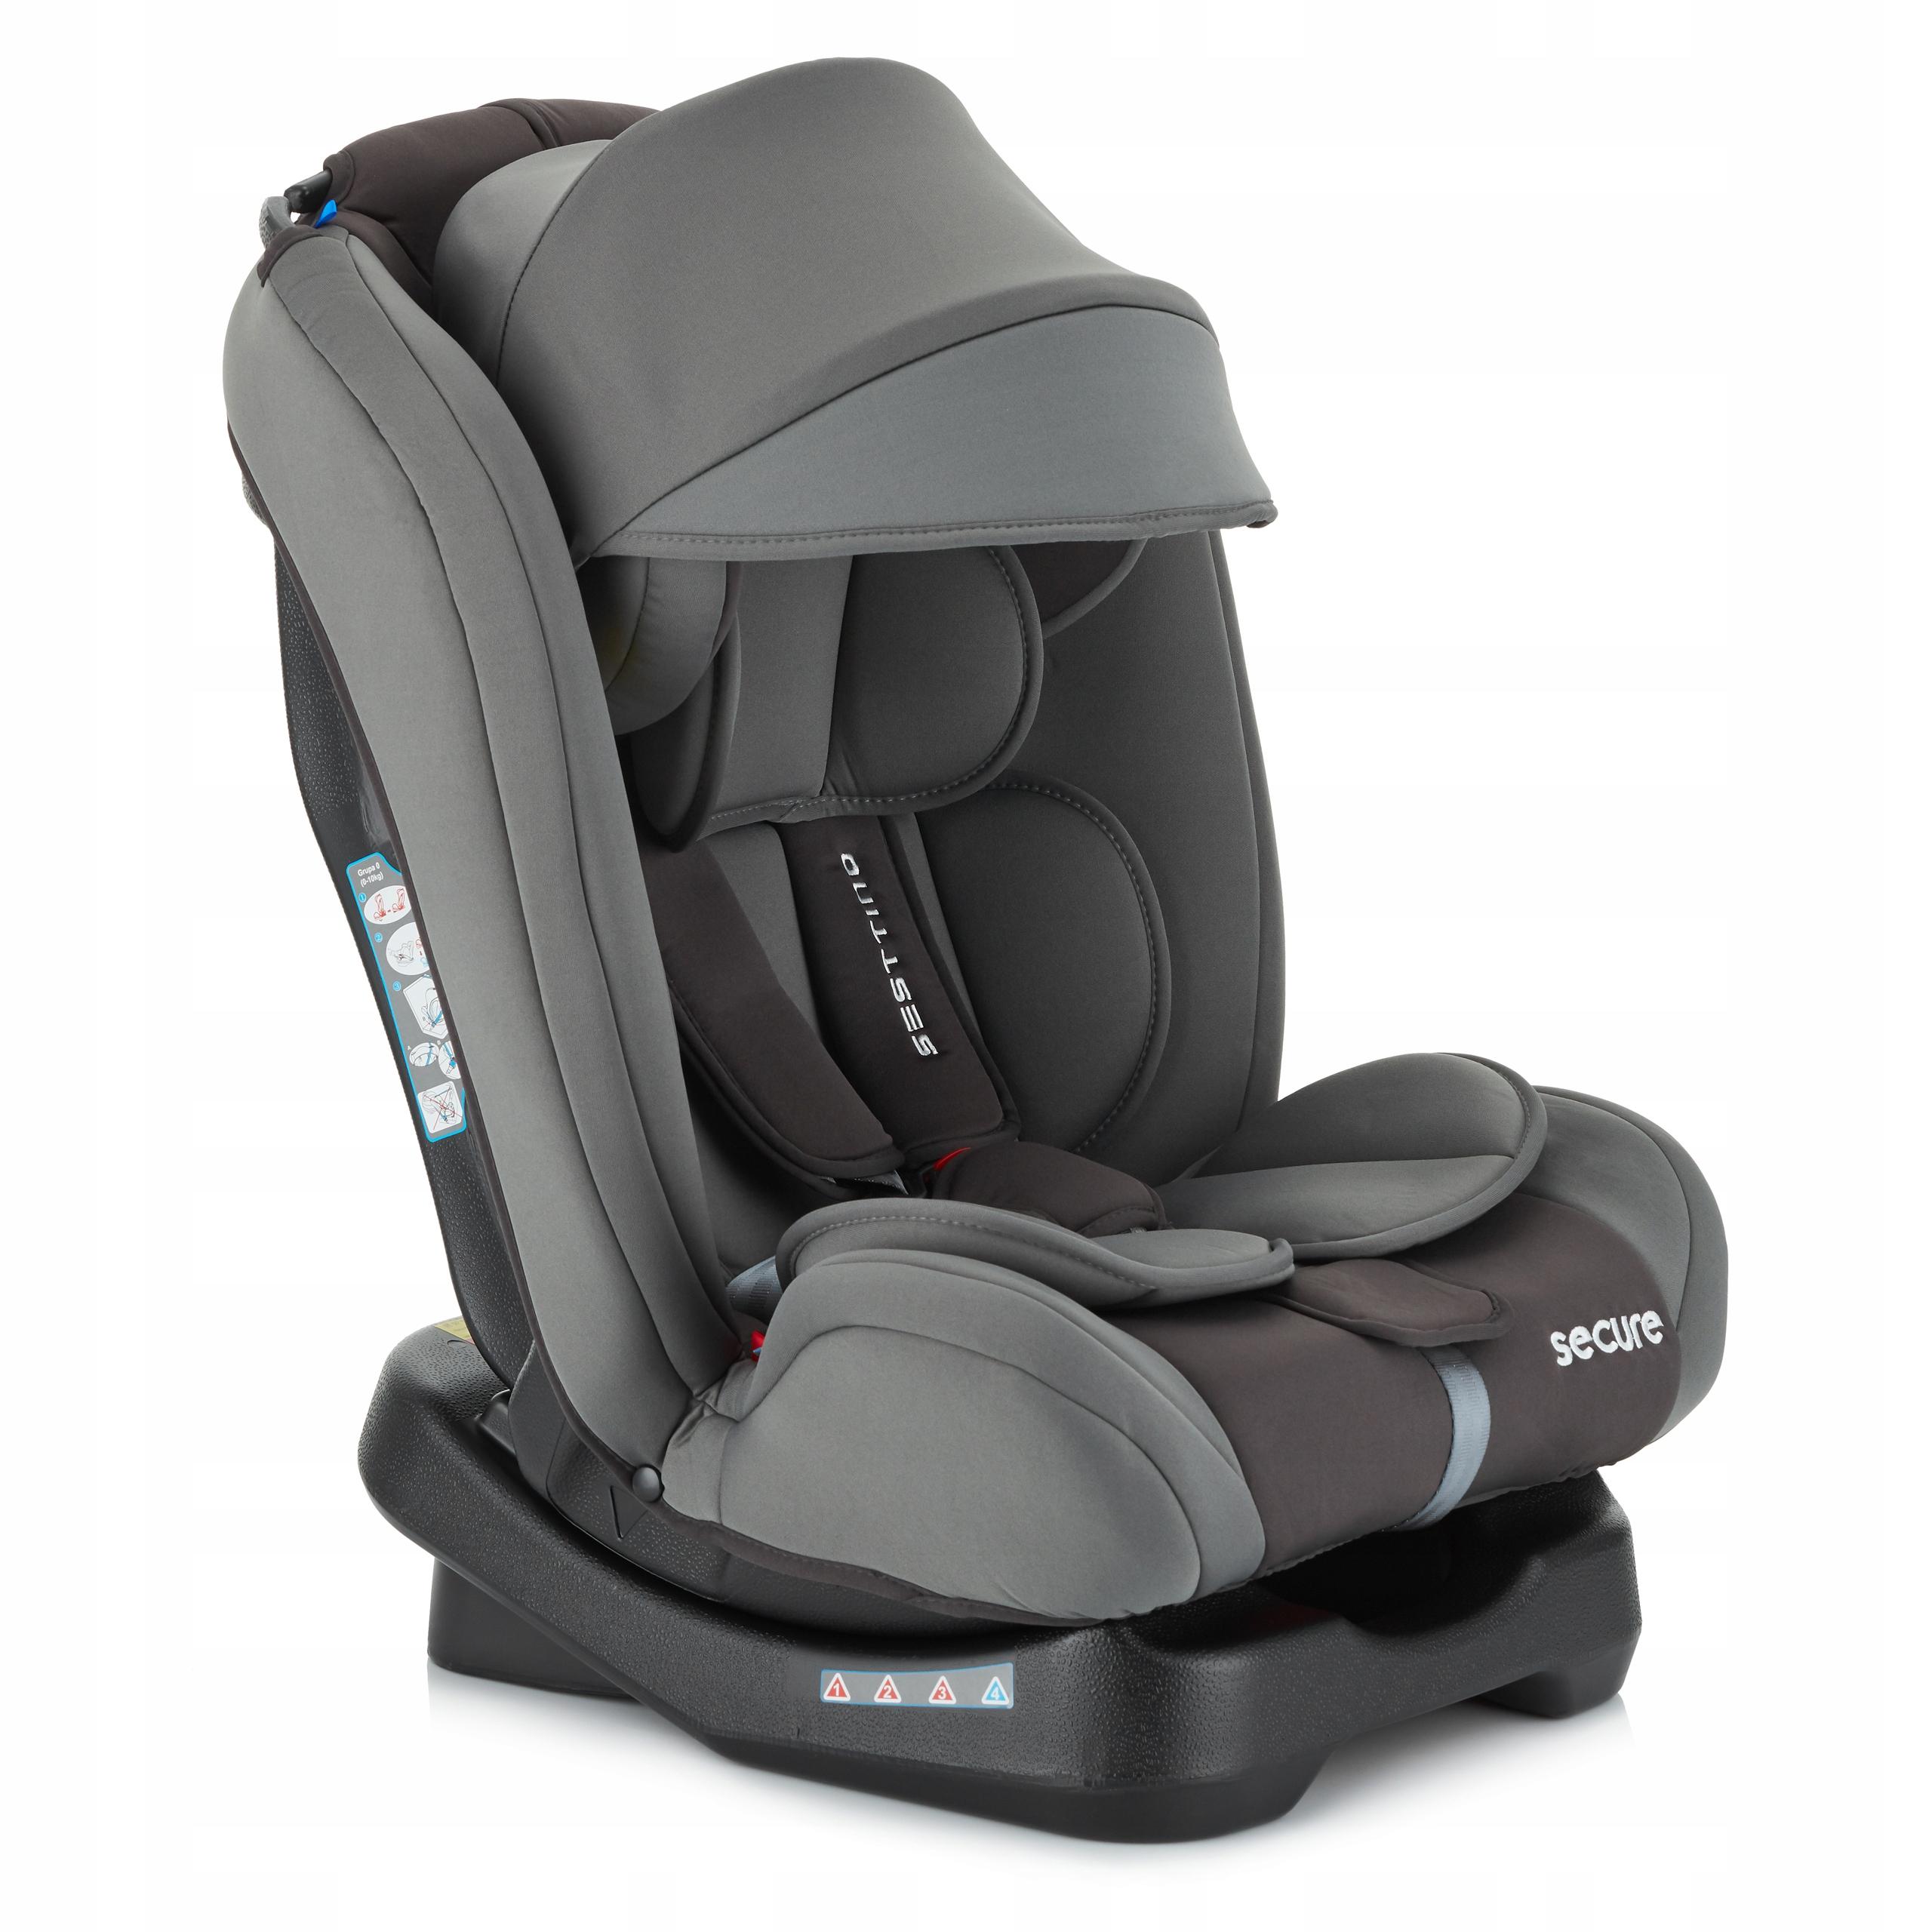 Fotelik samochodowy Sesttino Secure PRO 0-36kg Kod producenta SECURE PRO